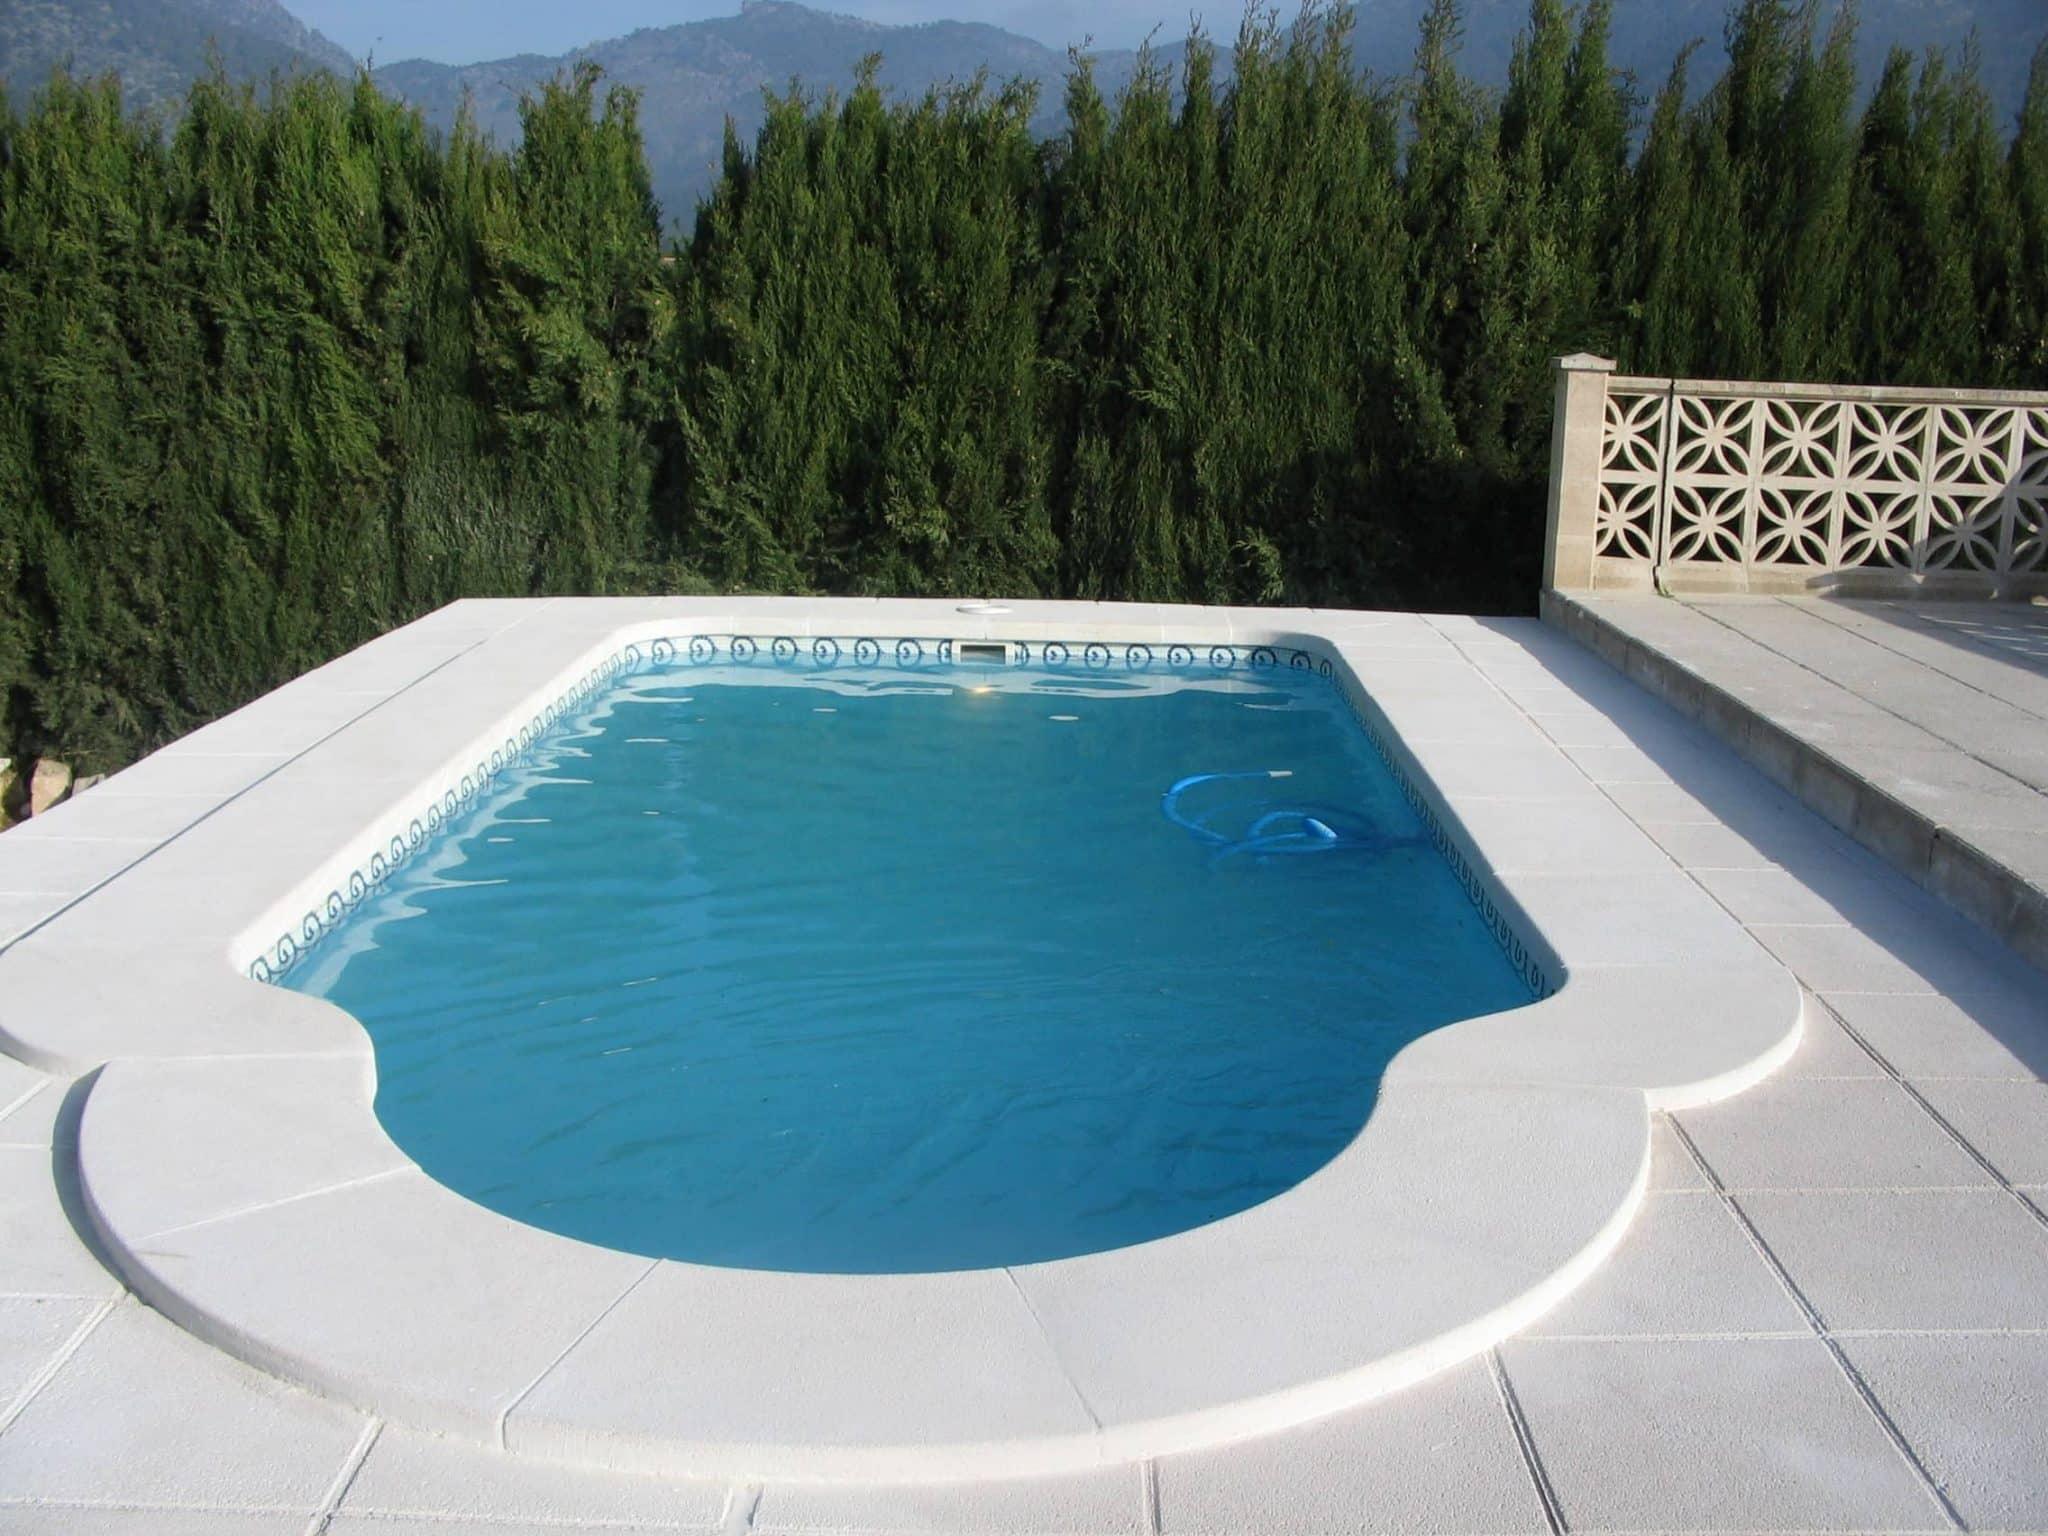 Piscina modelo c 6 piscinas cano poliester en valencia for Piscinas para enterrar precios